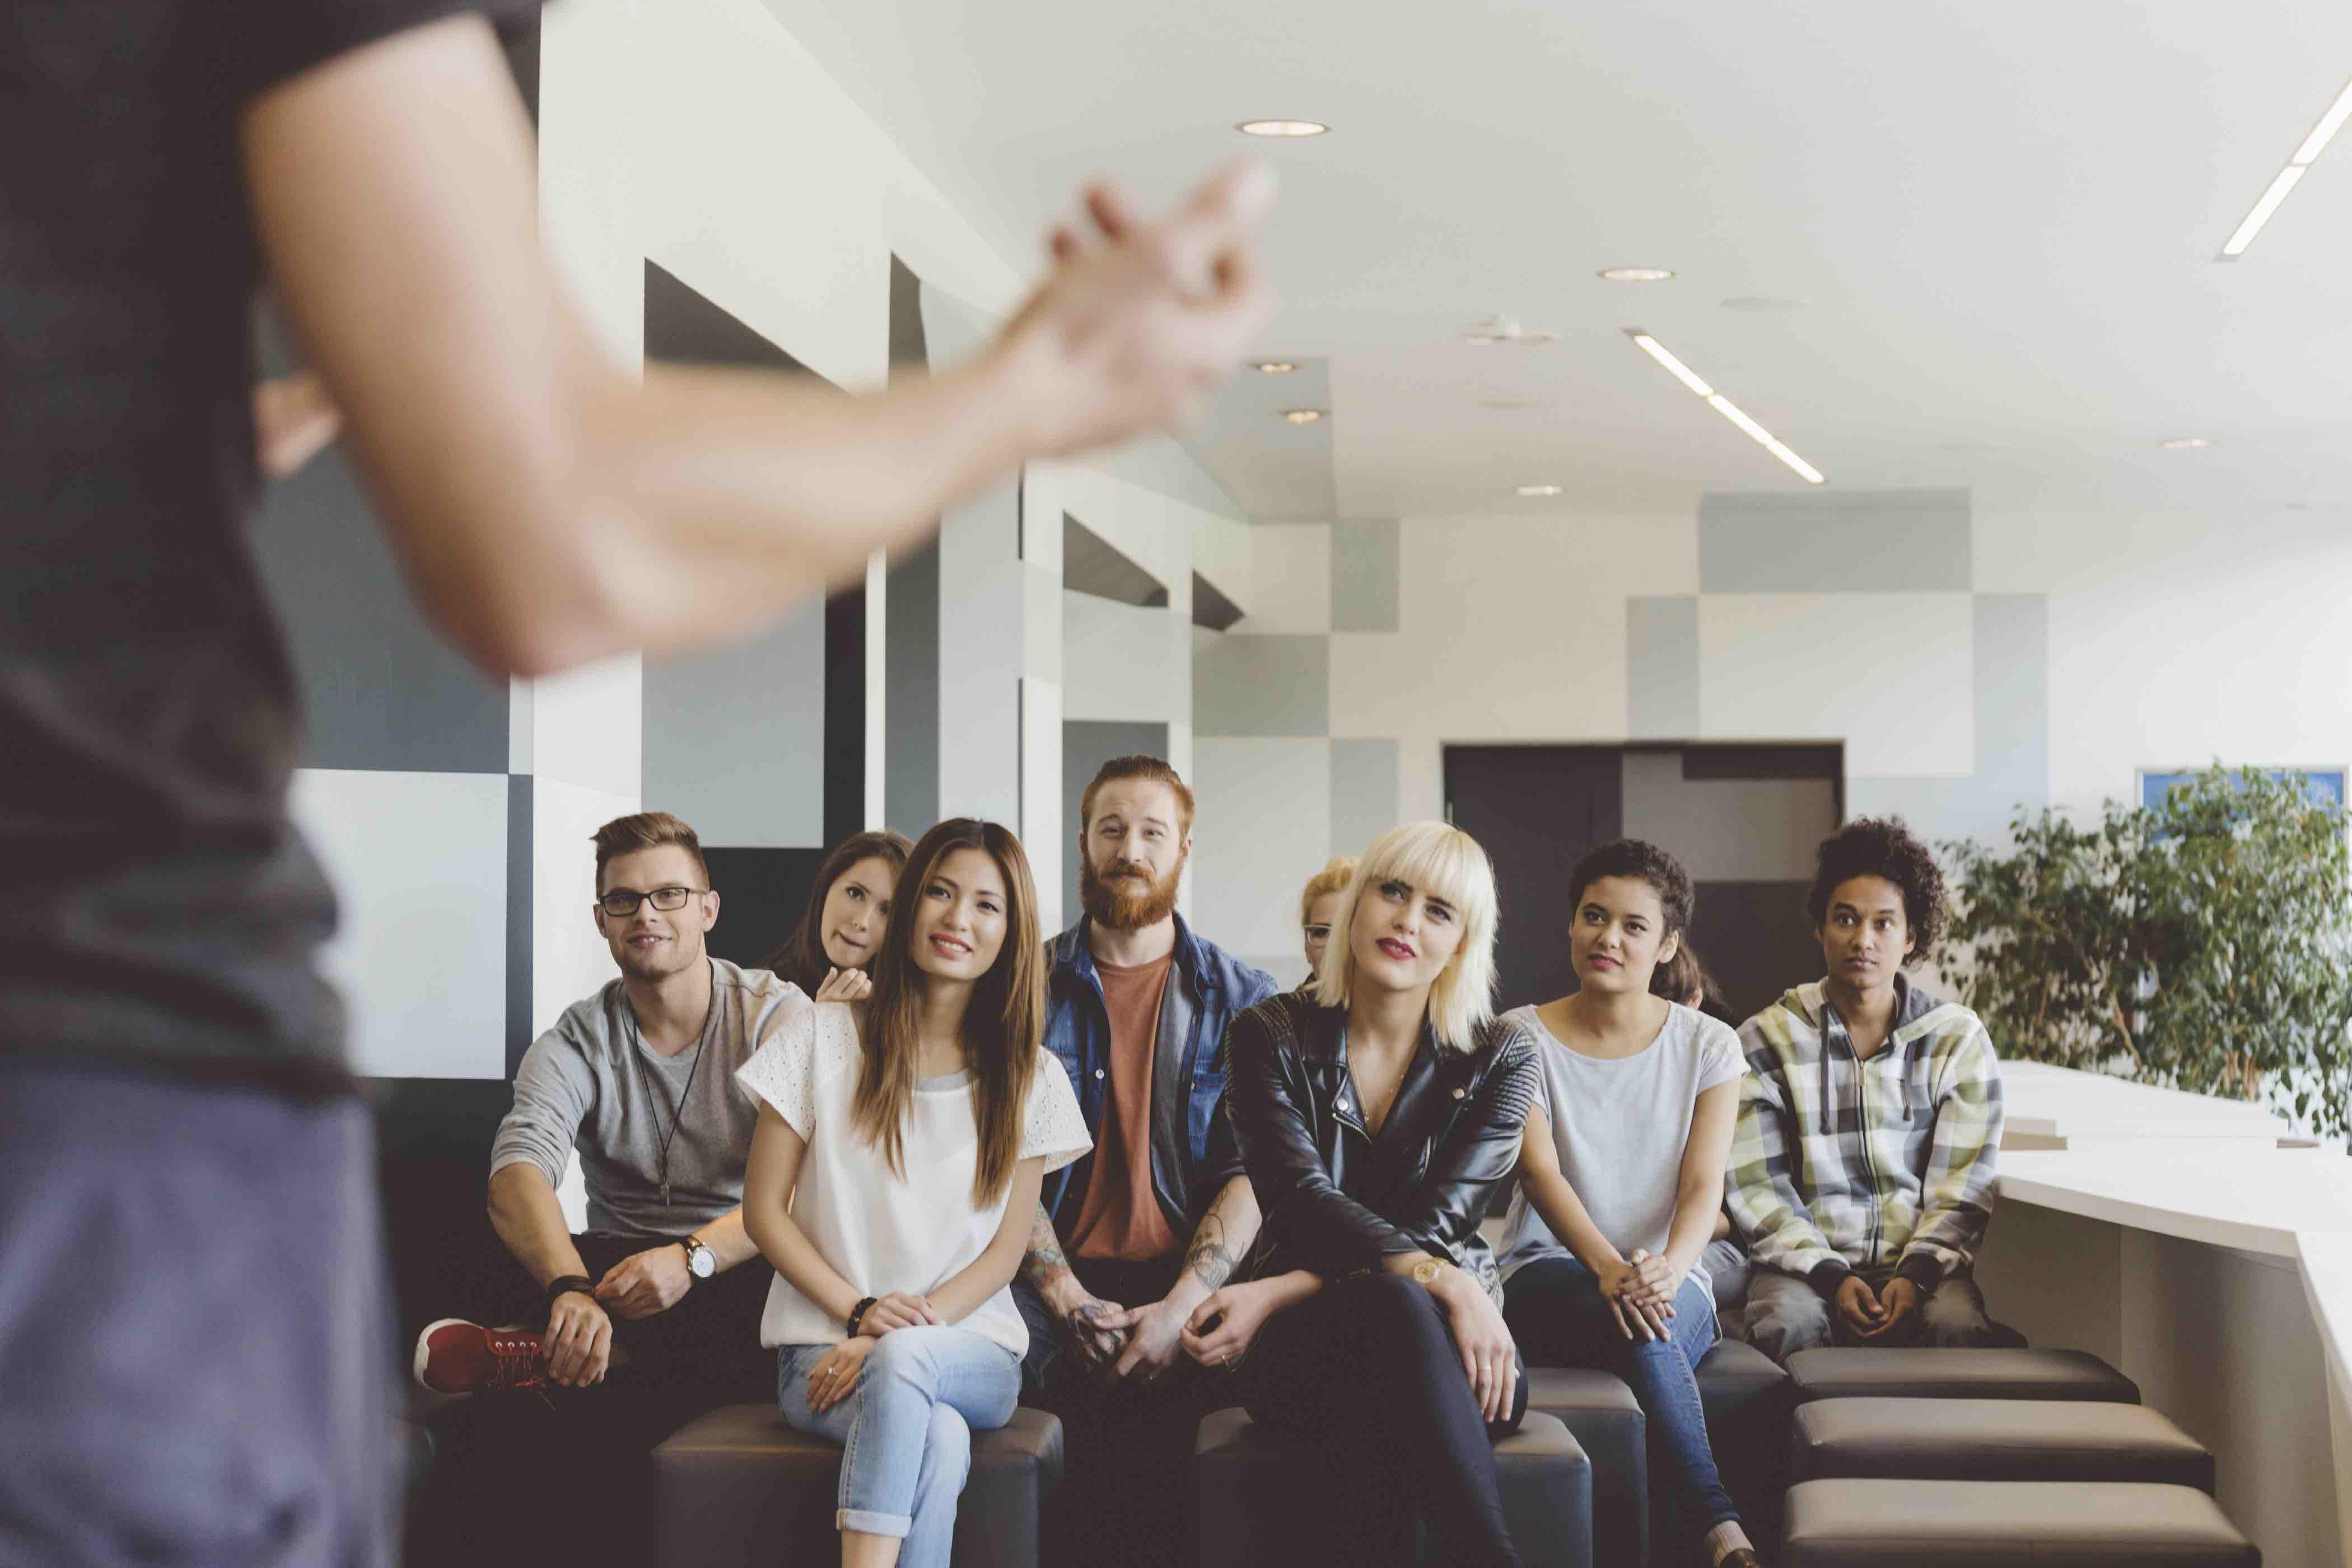 Et effektivt program inden for ledelse der udruster dine faglige og personlige lederkompetencer